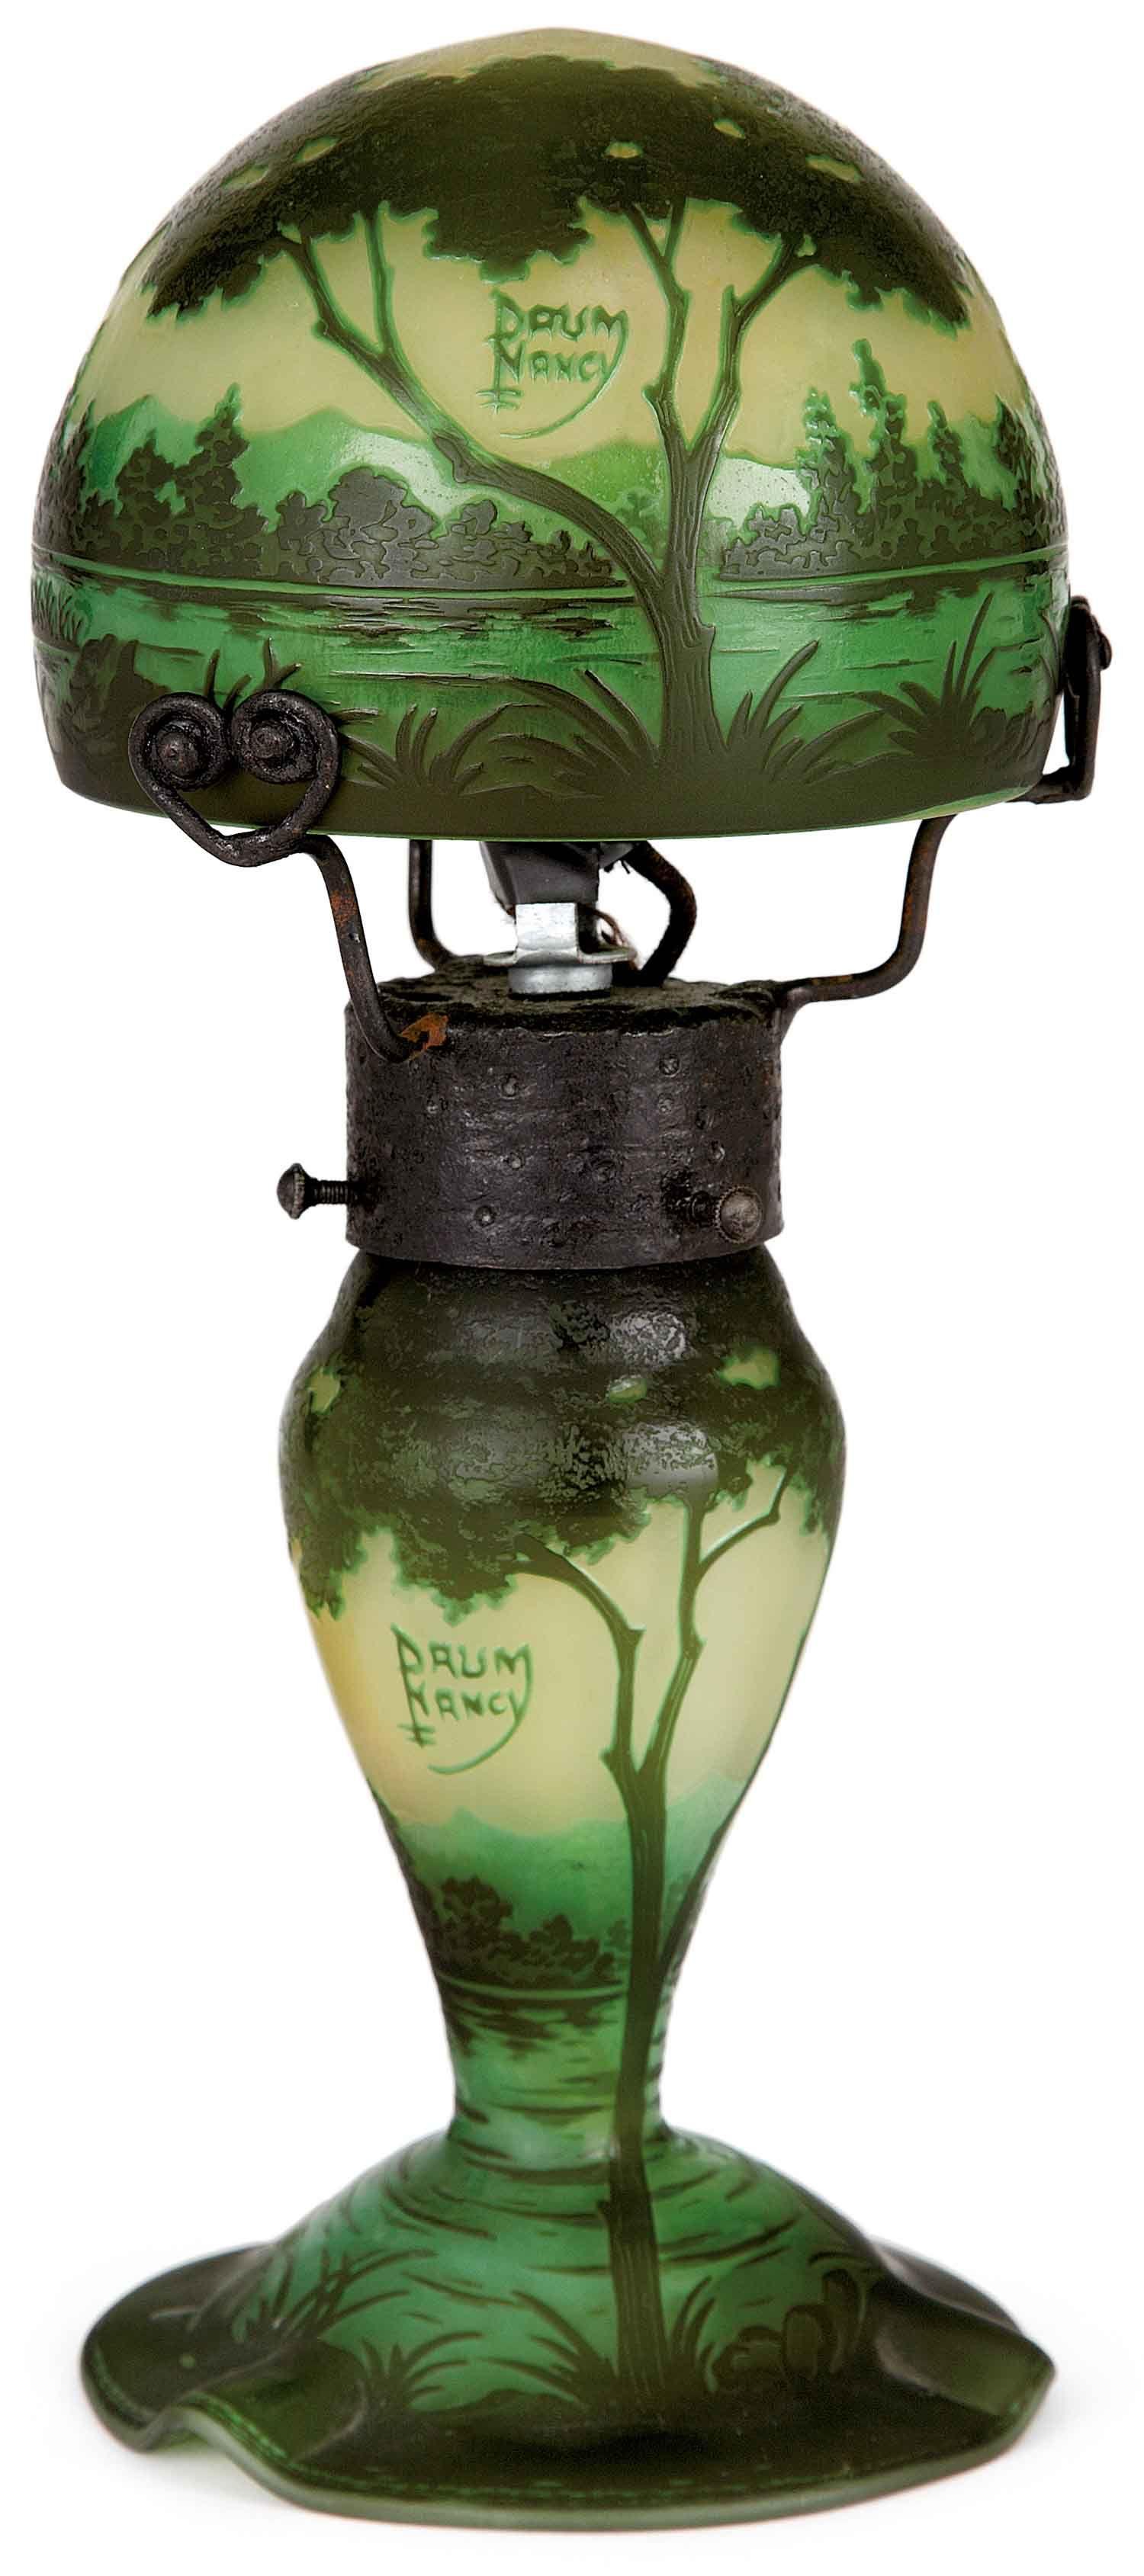 Daum Nancy Petite Lampe Champignon En Verre Multicouche Vert Et